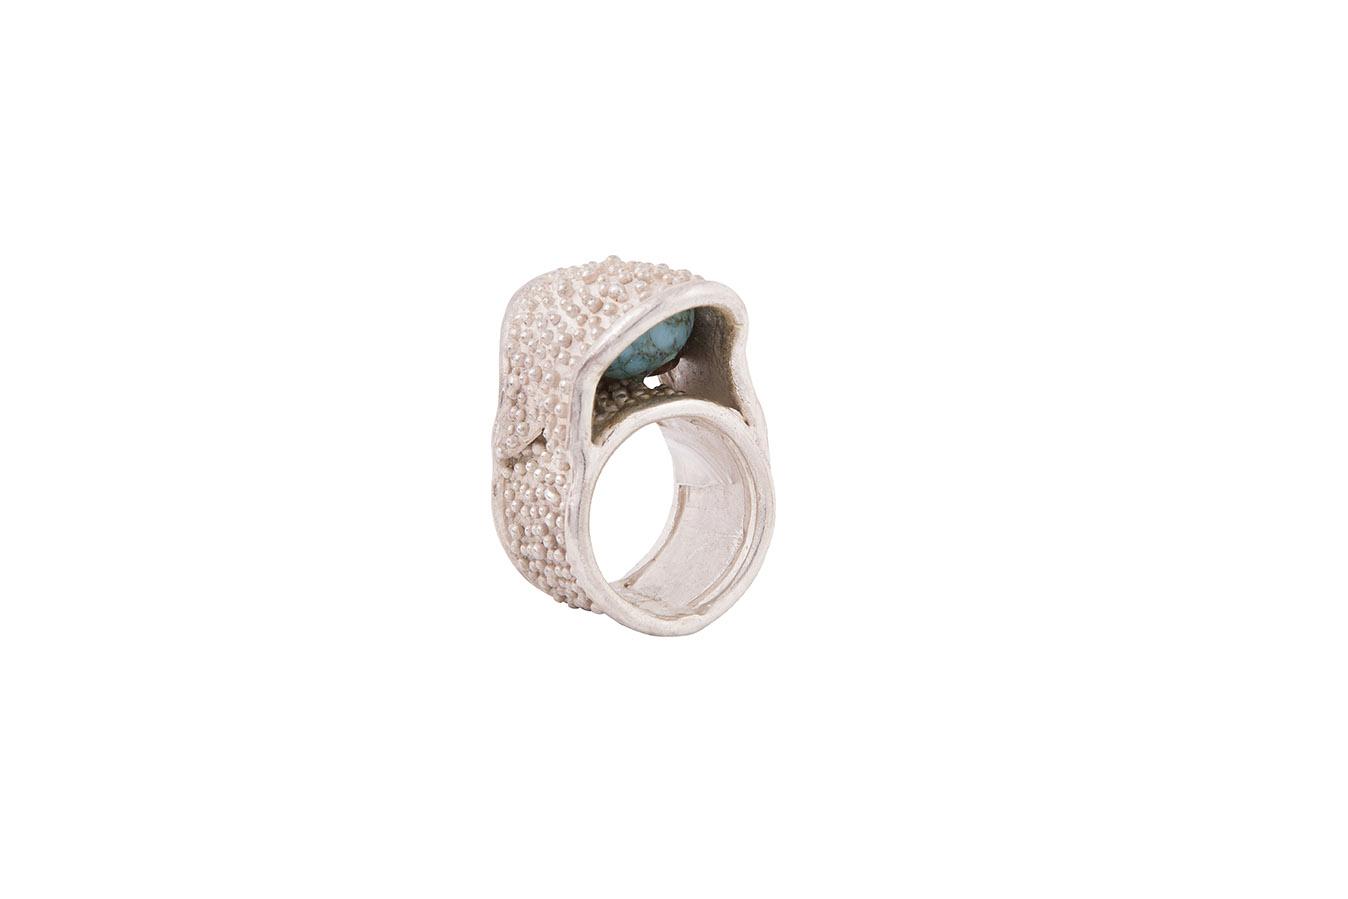 anello argento puntinato con malachite